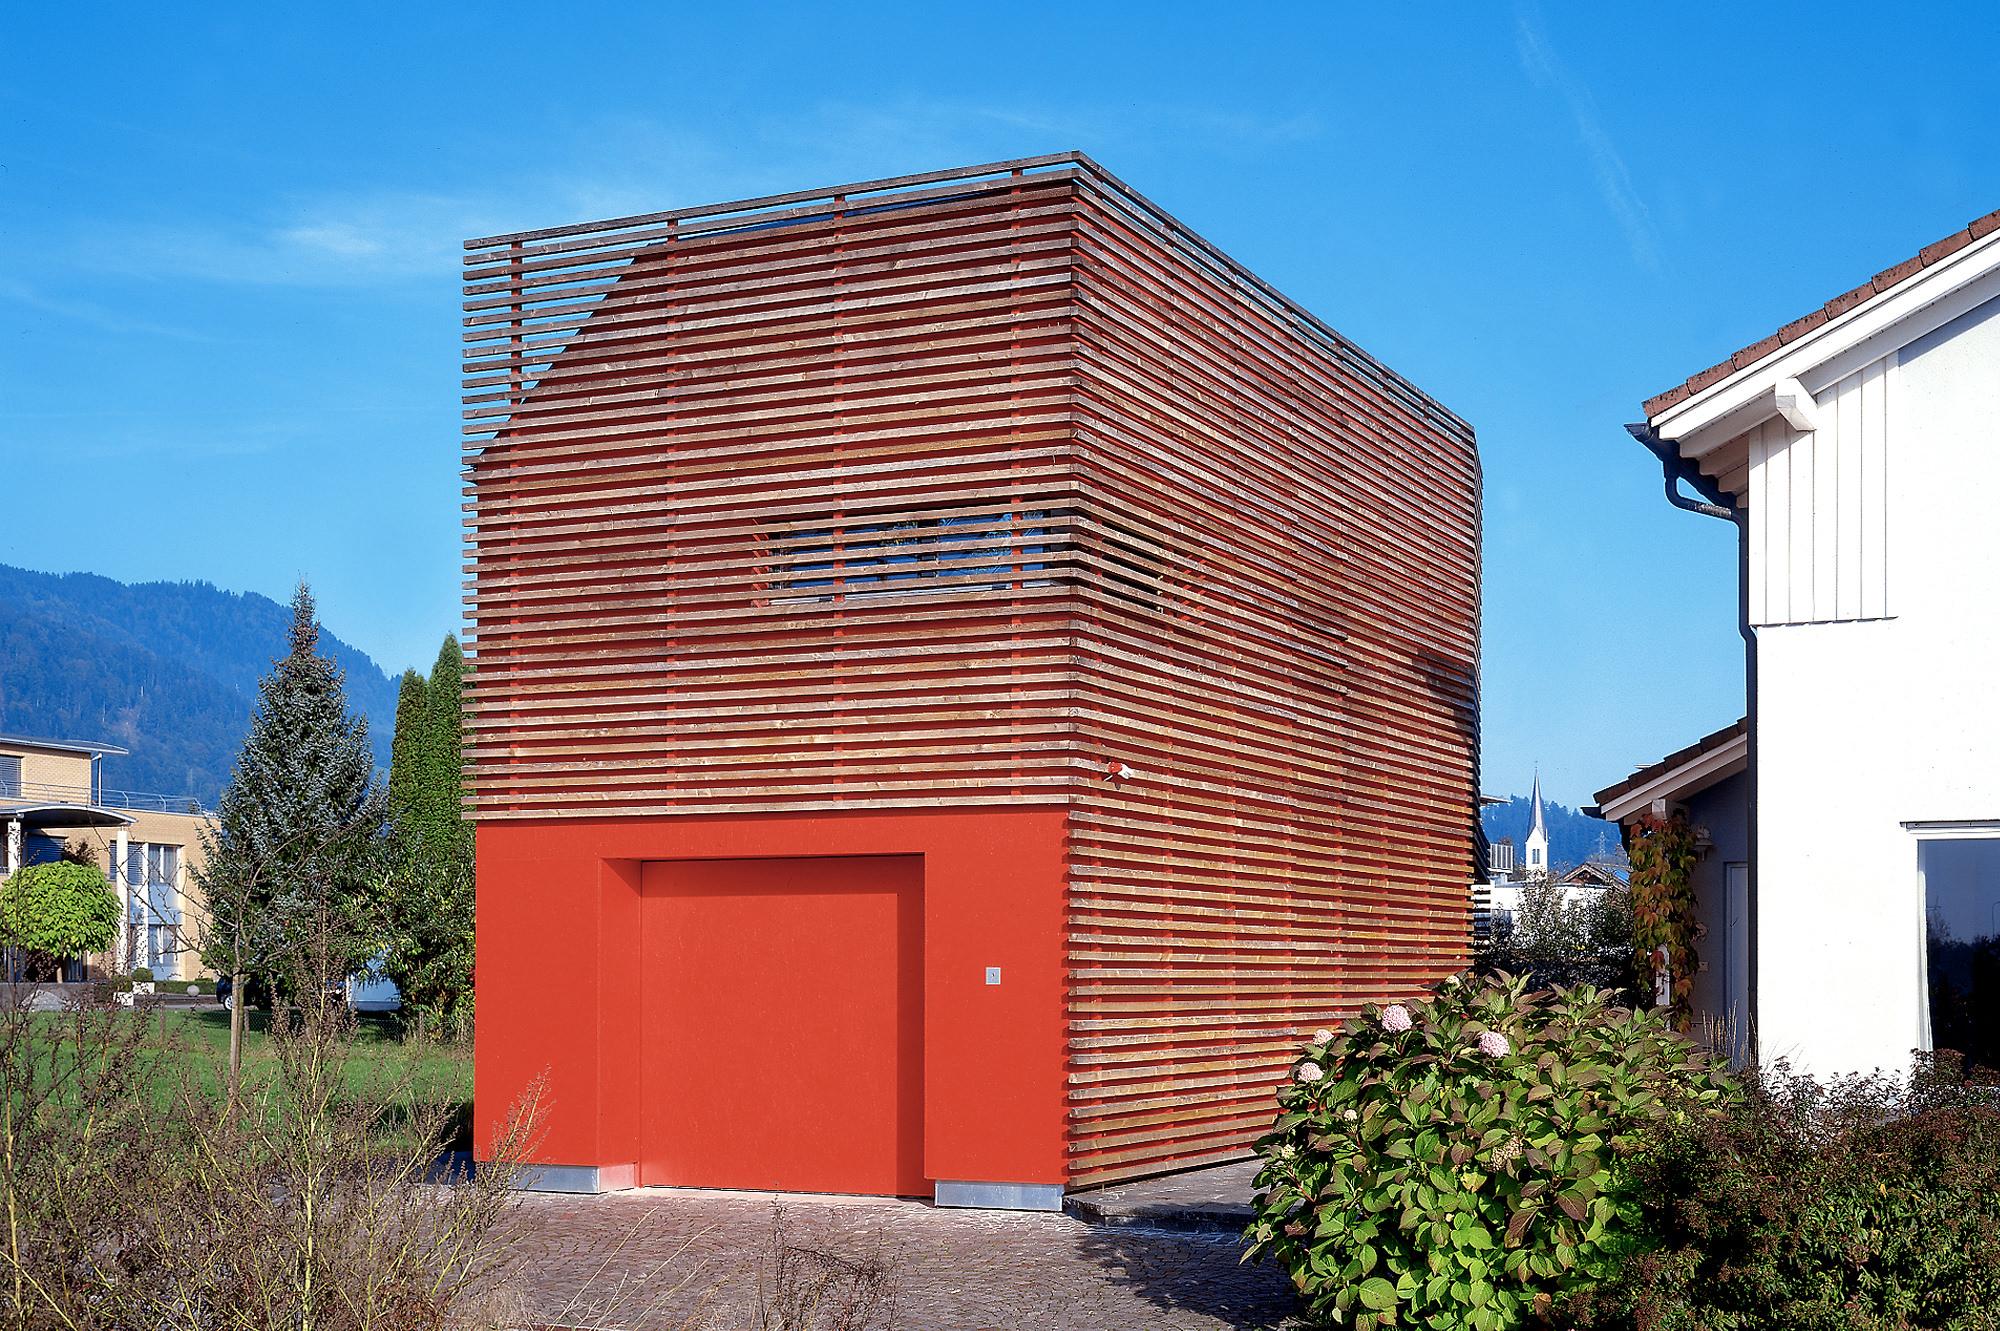 atelier_schmutzer_03_umbau_erweiterung_wolfurt_vorarlberg_junger_beer_architektur